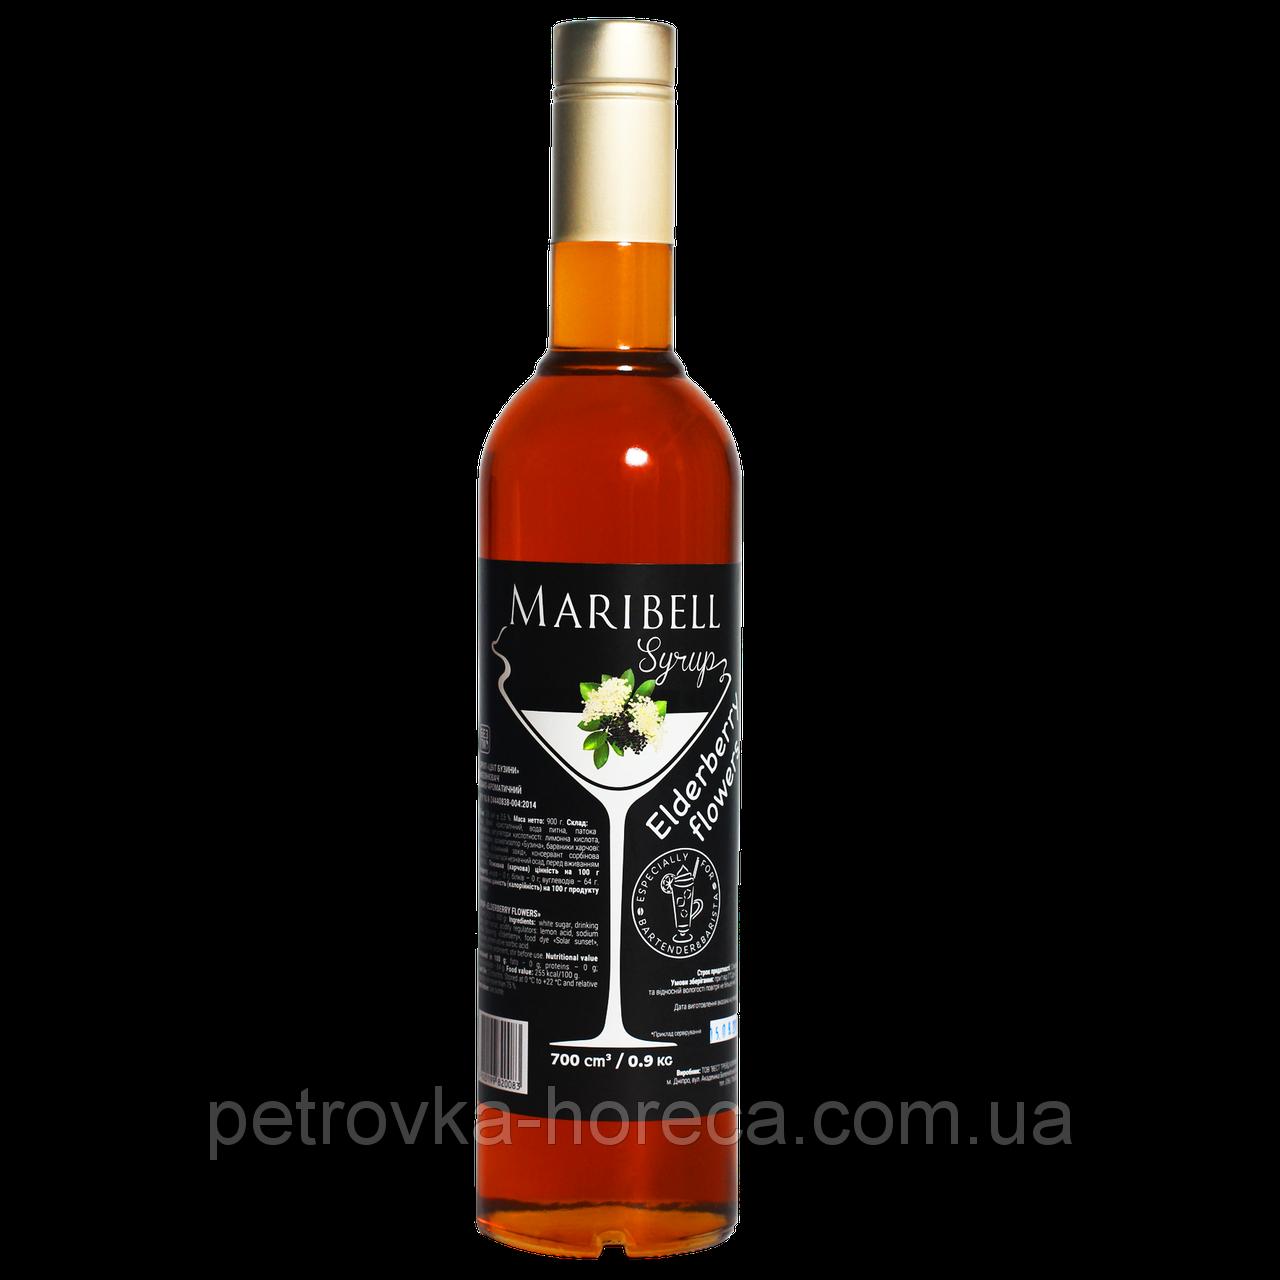 """Сироп коктейльный Maribell """"Цвет бузины"""" 700мл"""